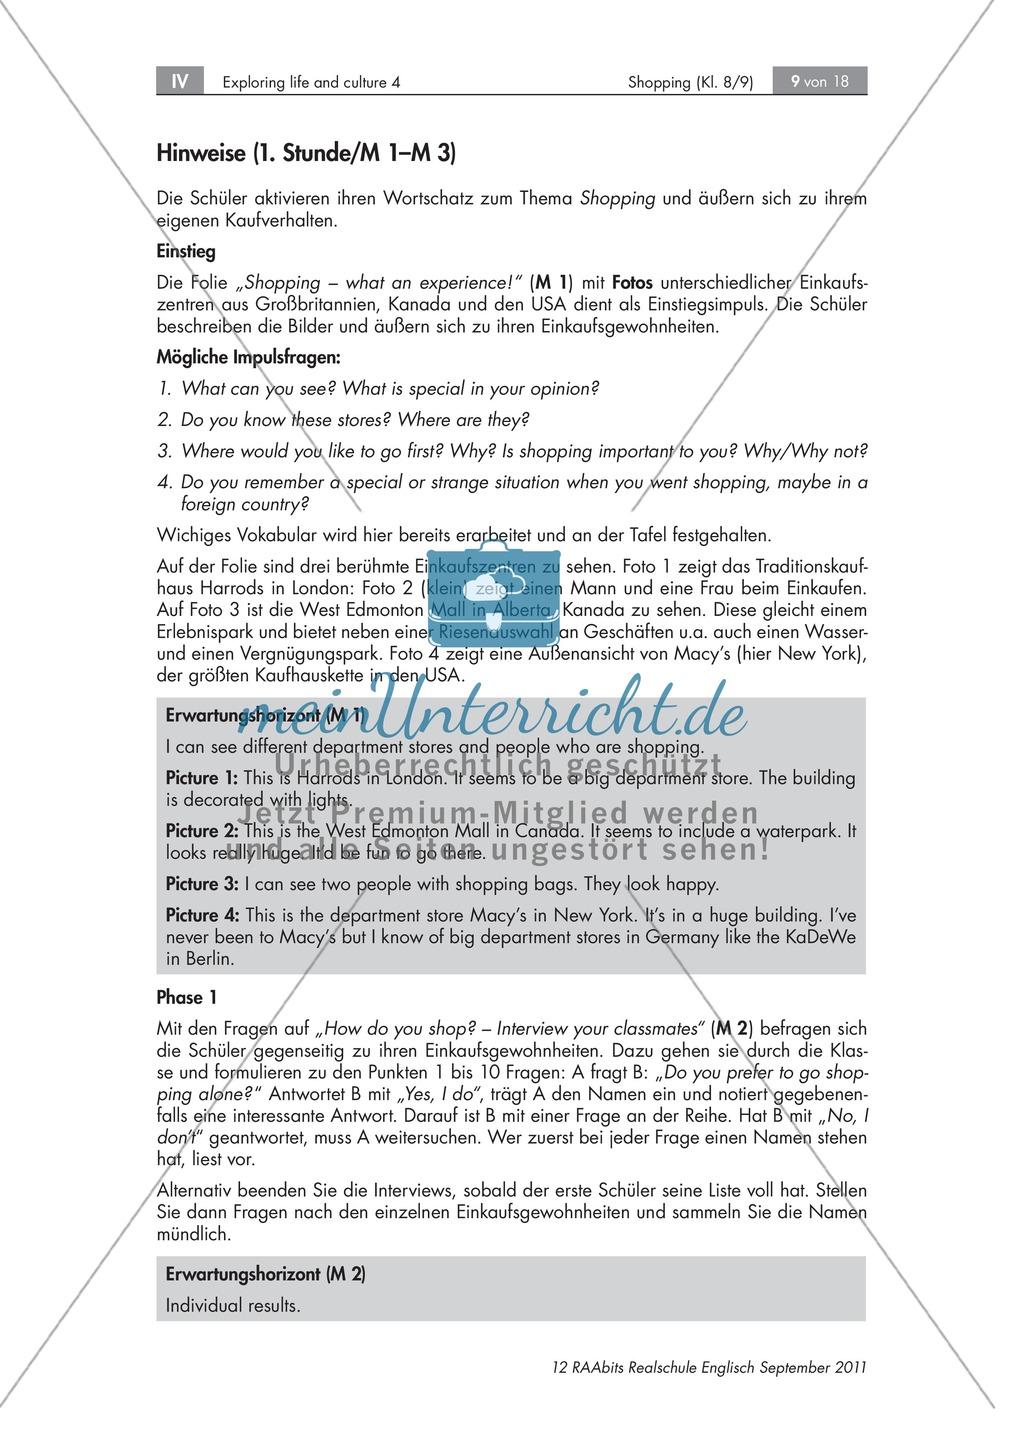 Einkaufsgewohnheiten in Großbritannien, Kanada und den USA kennenlernen : Übungen zur Lesekompetenz und Textverständnis + Kopiervorlagen Preview 3